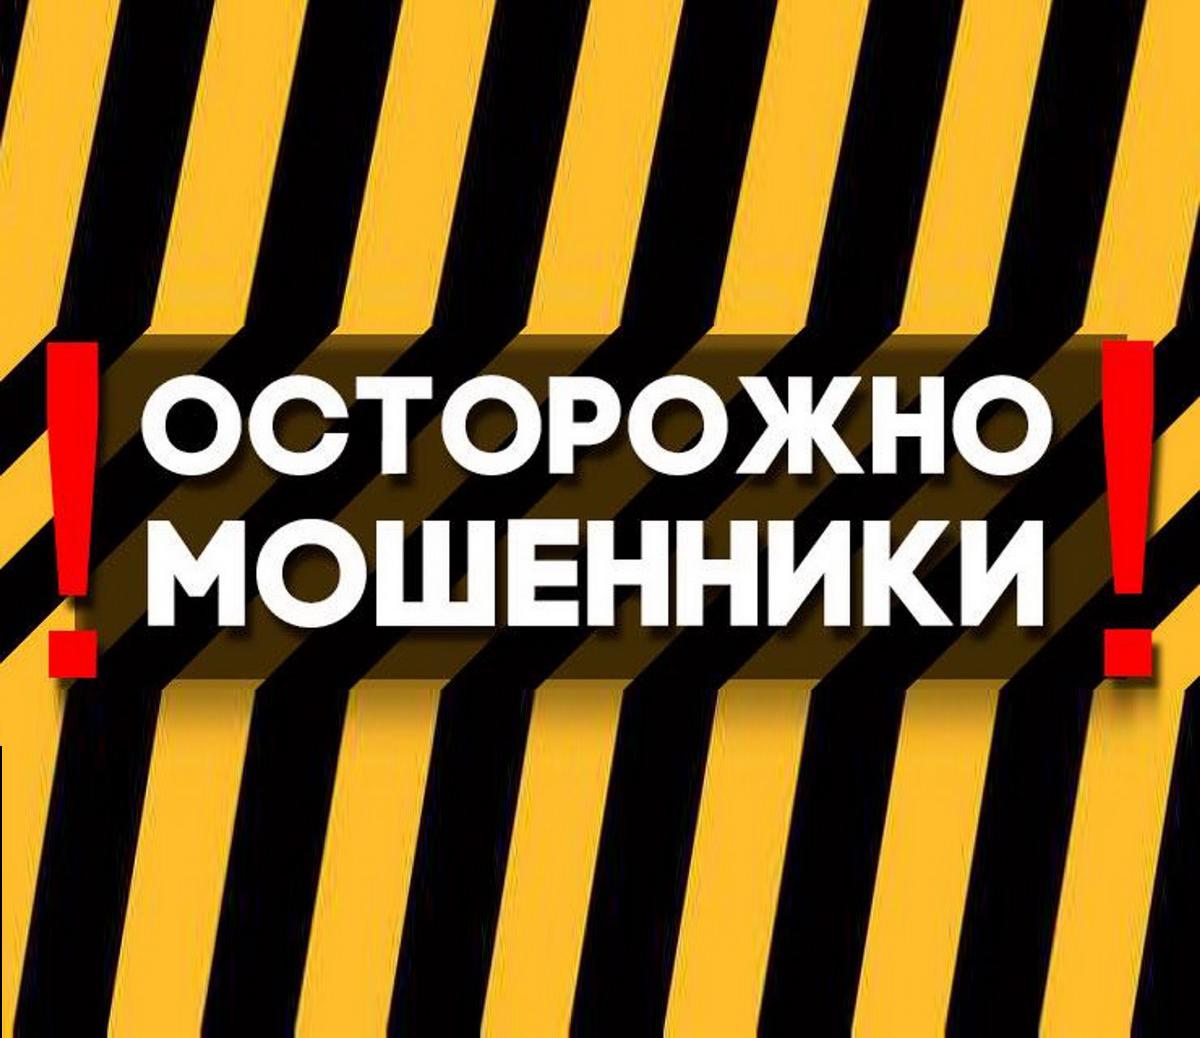 Отдел МВД России по Петровскому району предупреждает: граждане, будьте бдительны! Остерегайтесь мошенников!